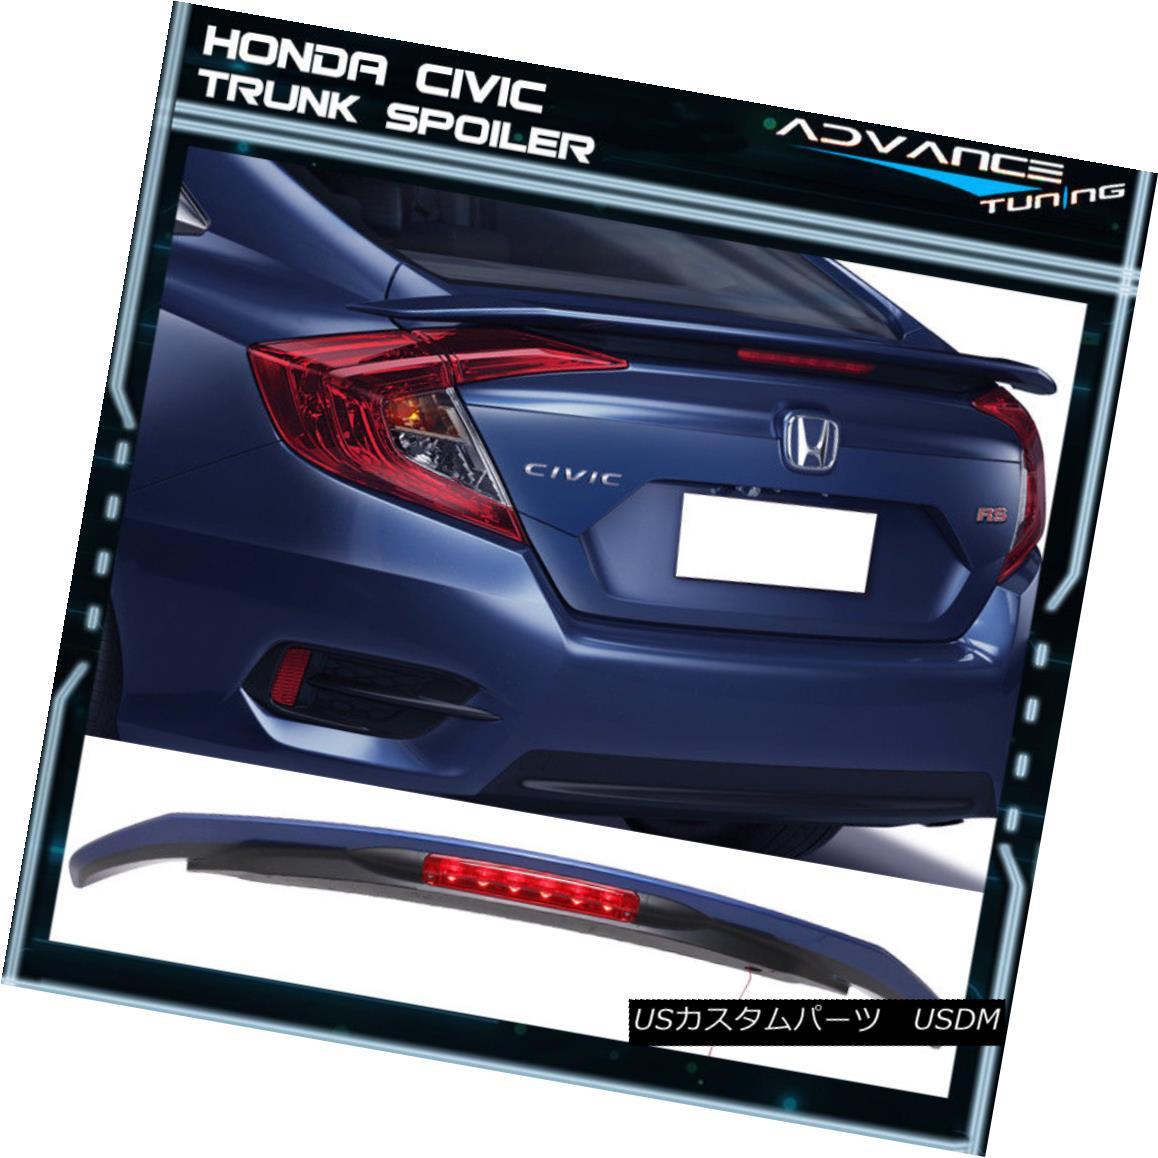 エアロパーツ 16-18 Honda Civic LED Brake RS Trunk Spoiler Painted #B593M Aegean Blue Metallic 16-18ホンダシビックLEDブレーキRSトランク・スポイラー#B593M Aegean Blue Metallic